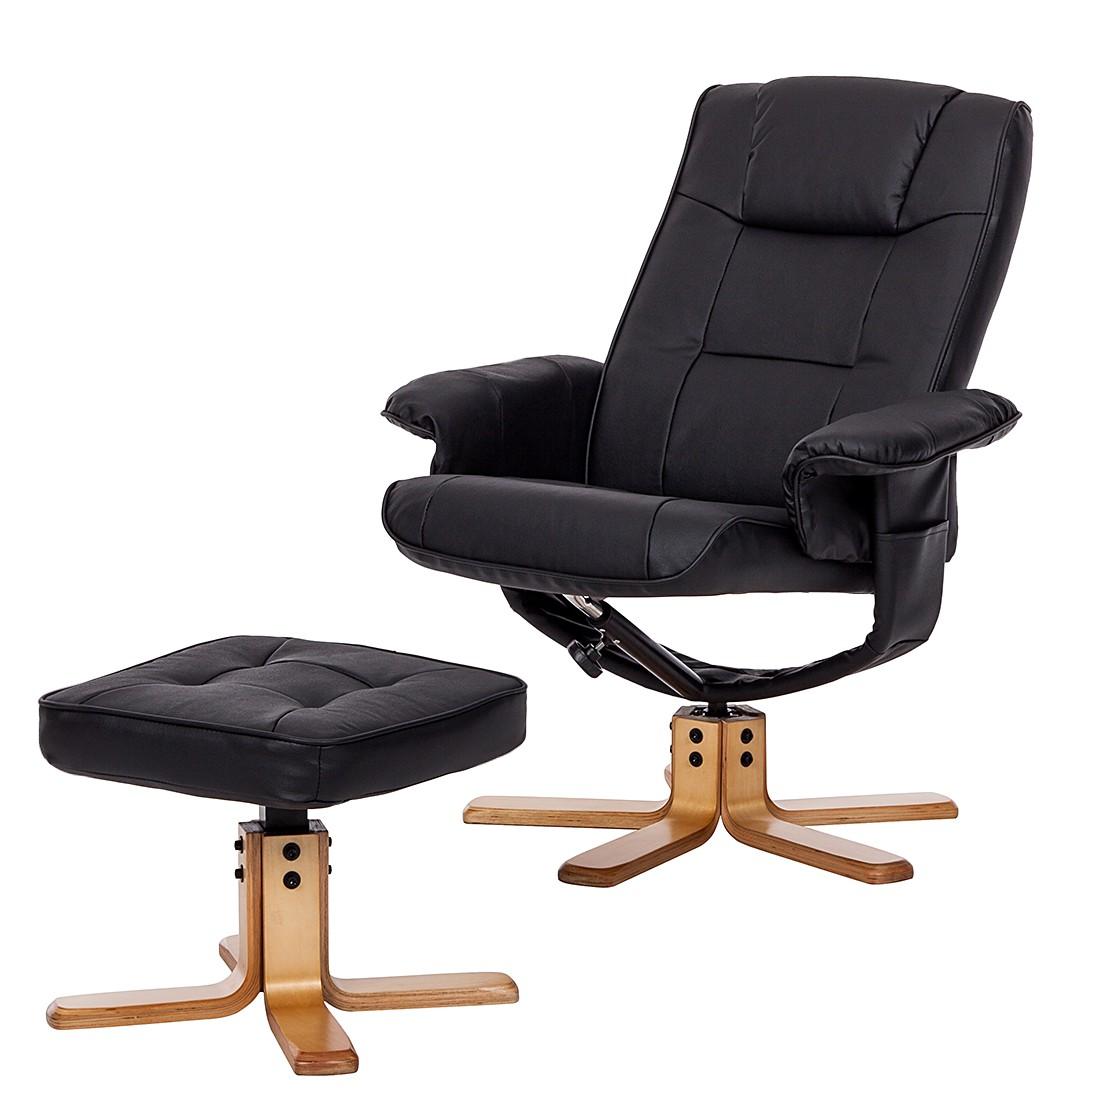 gartenstuhl mit hocker preisvergleich die besten angebote online kaufen. Black Bedroom Furniture Sets. Home Design Ideas